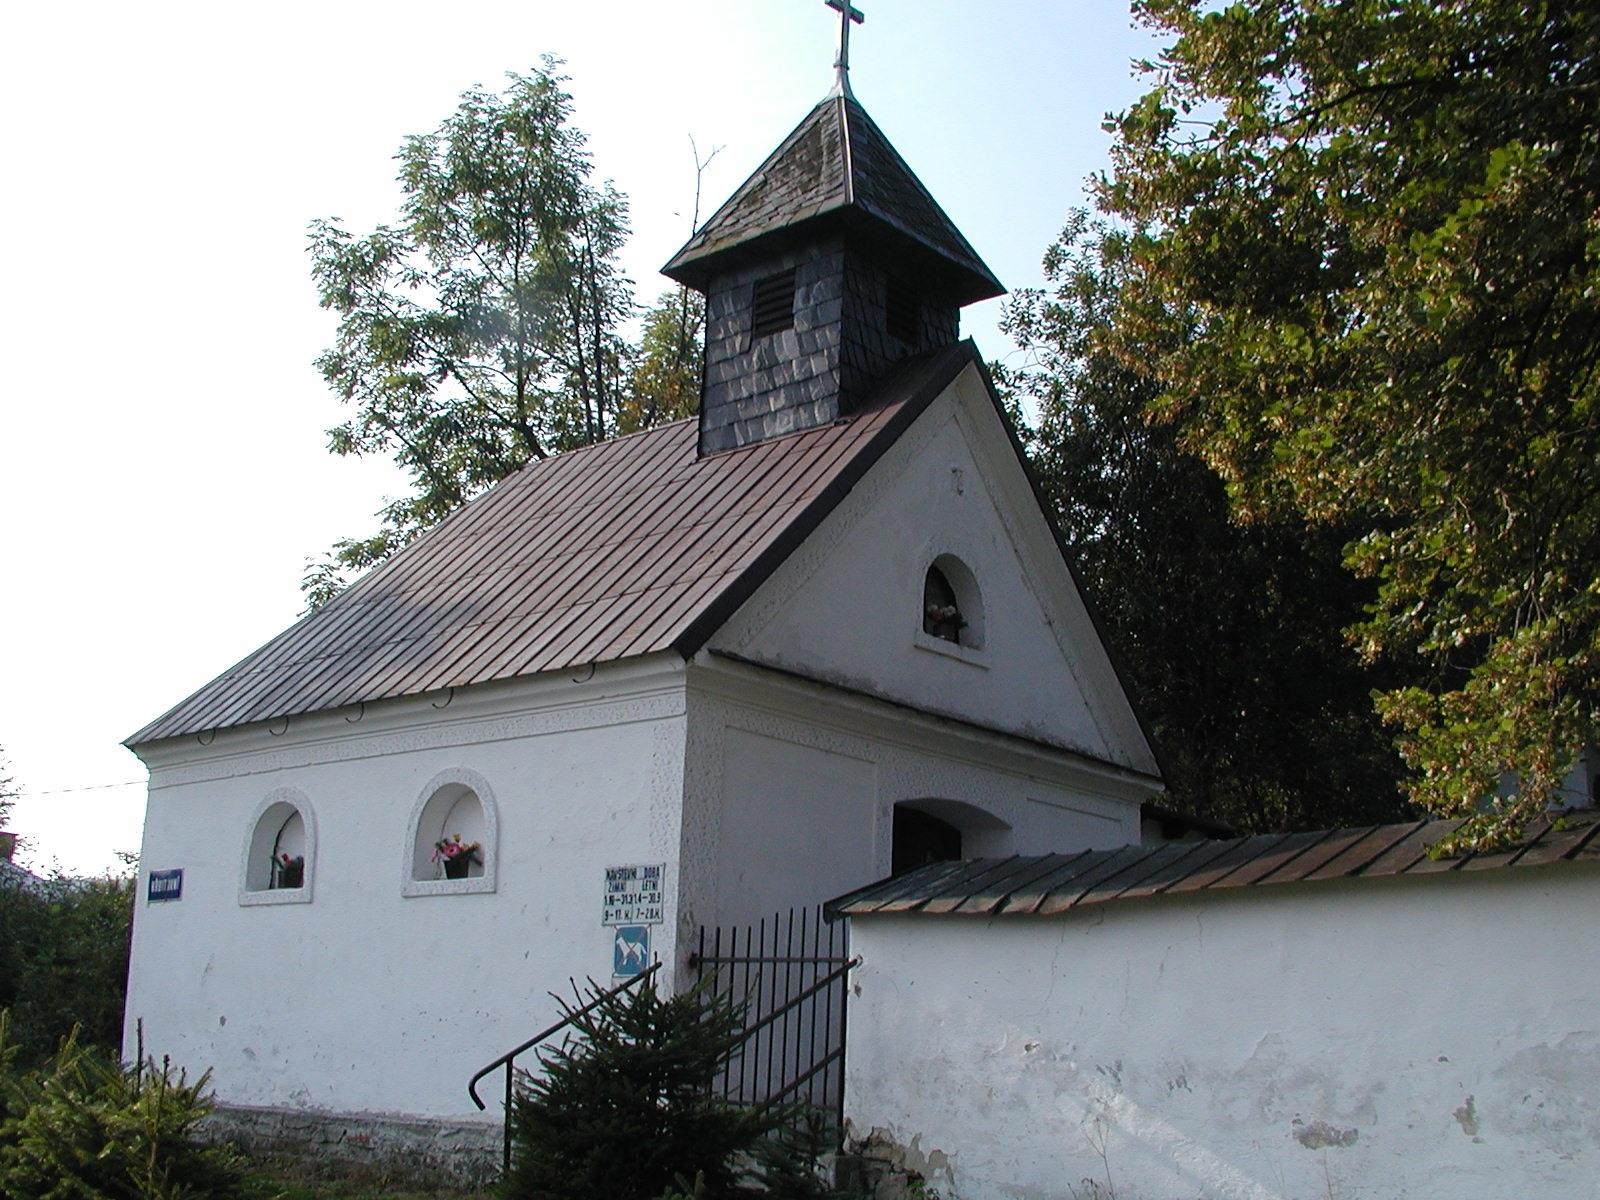 hřbitovní kaple, obrázek se otevře v novém okně